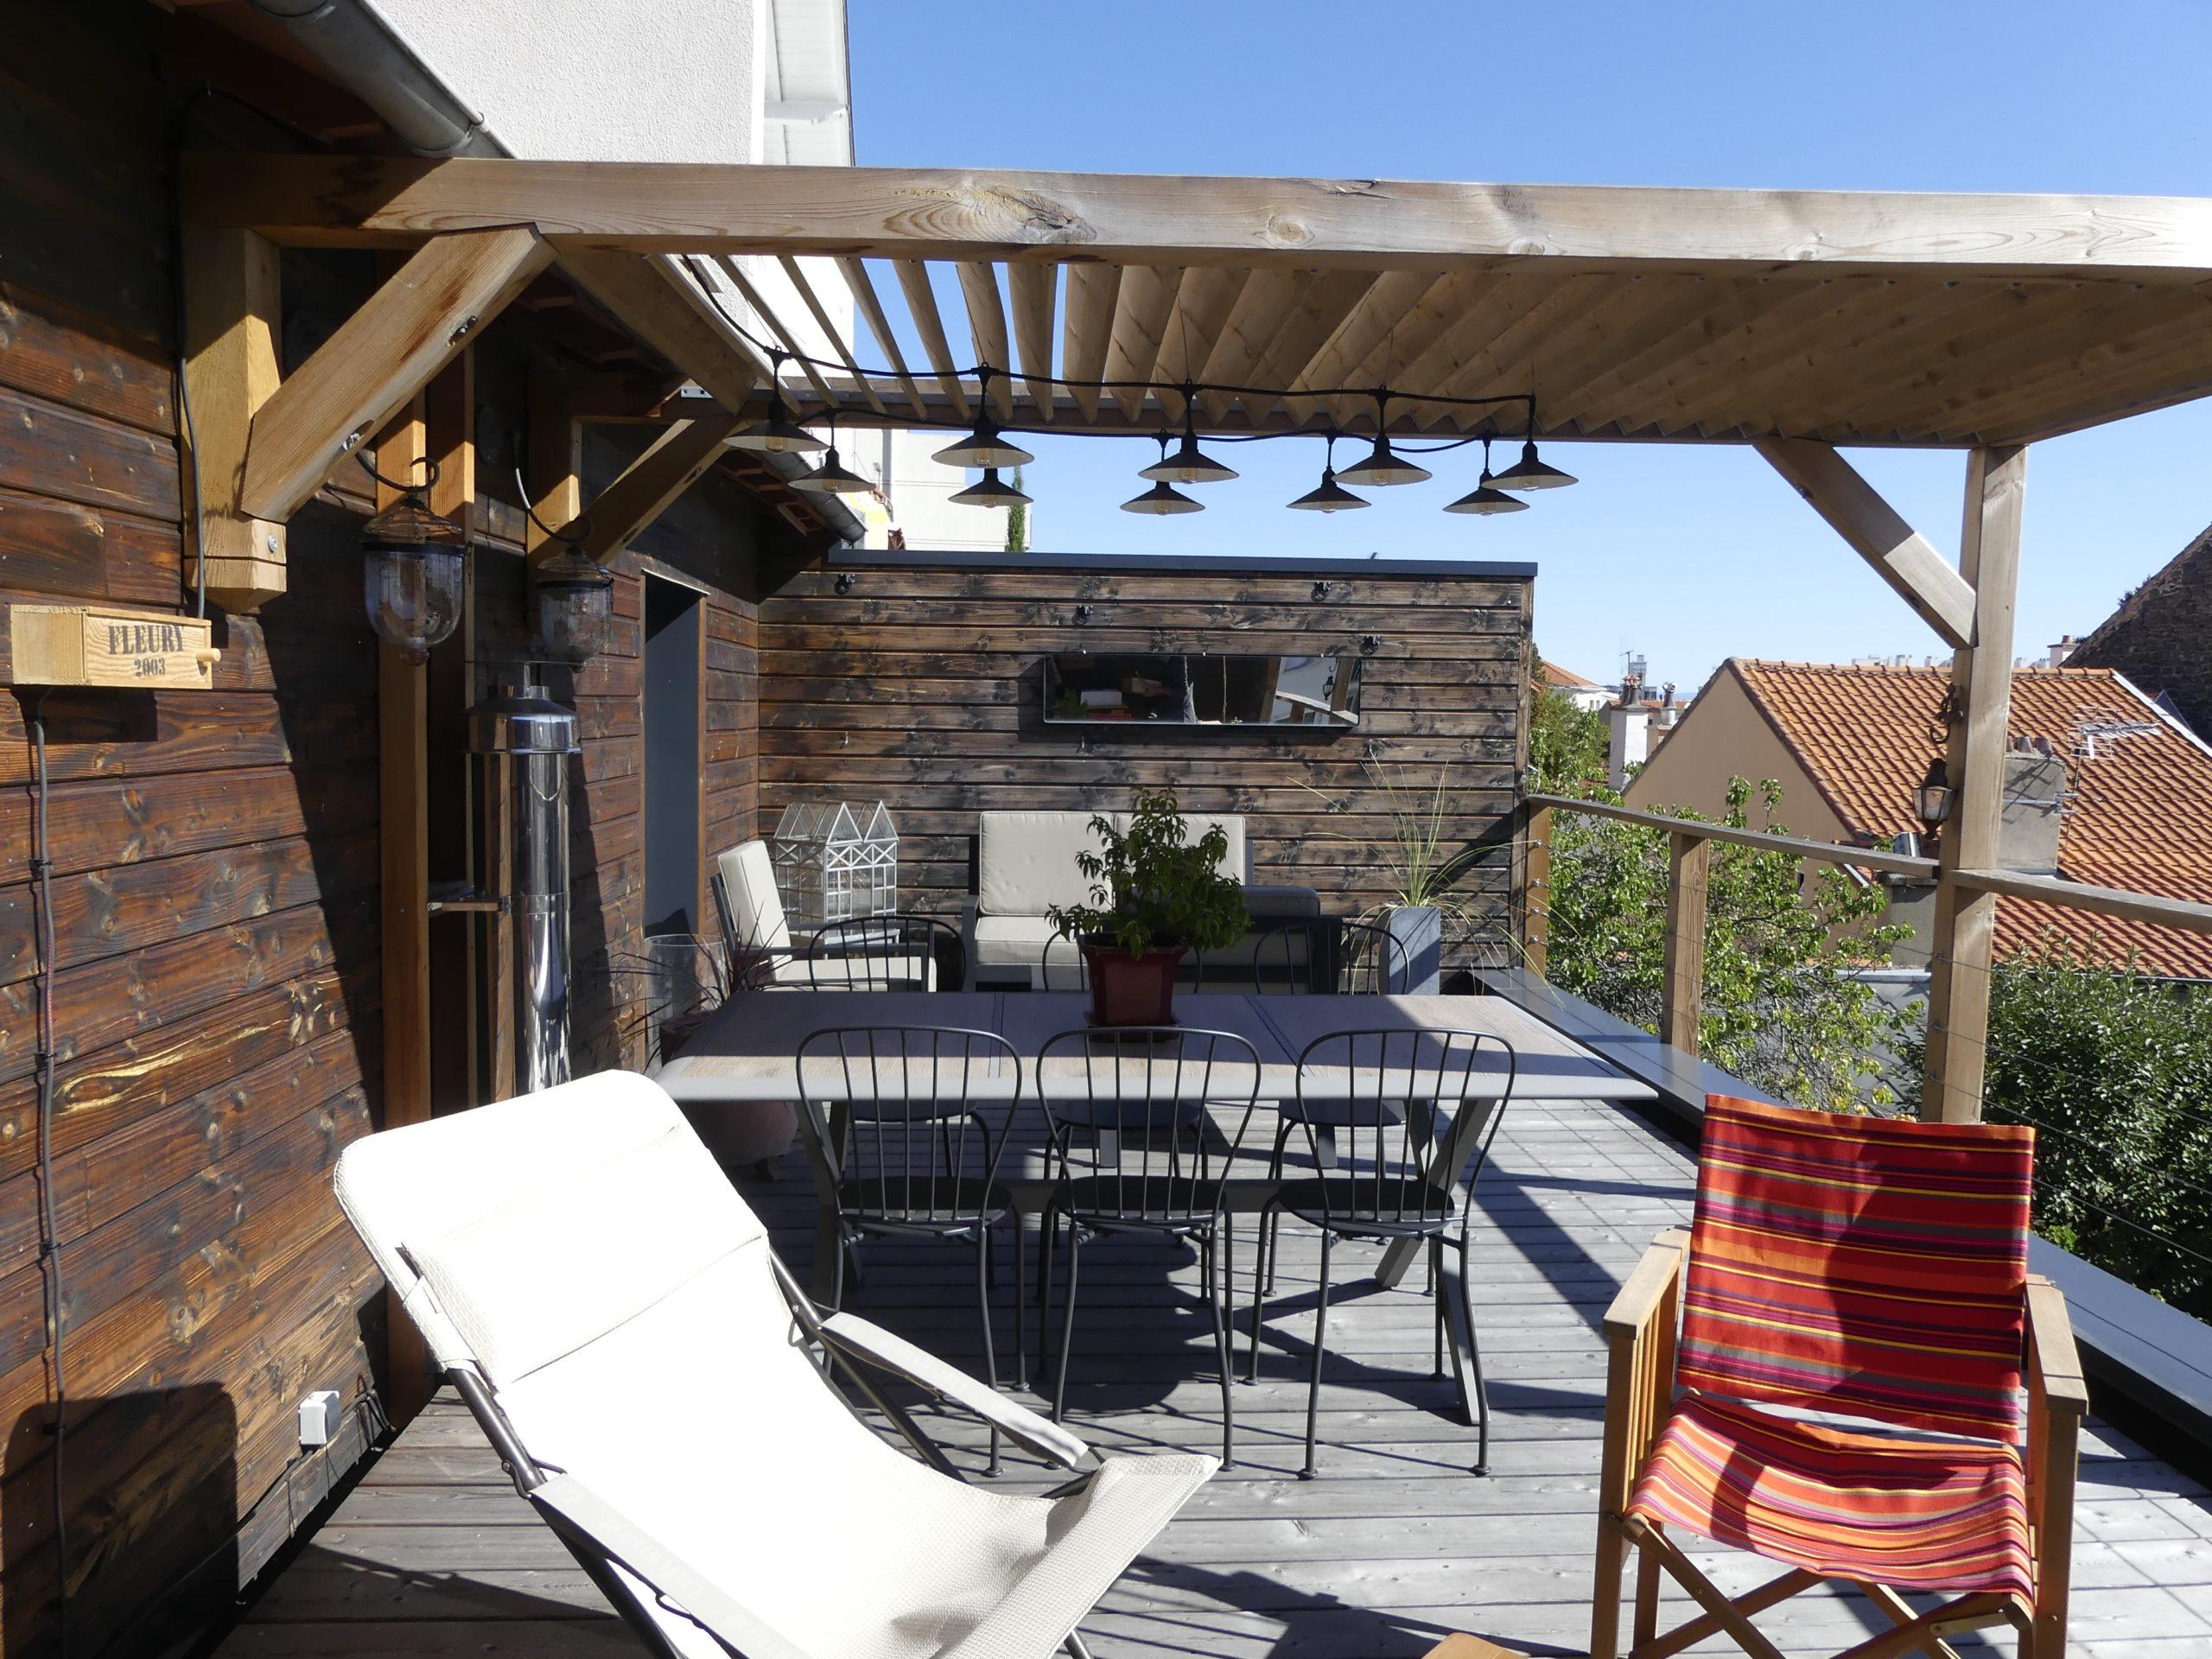 Rdl_Beaudonnat_Agrandissement_Terrasse_en_Bois_Clermont-Ferrand